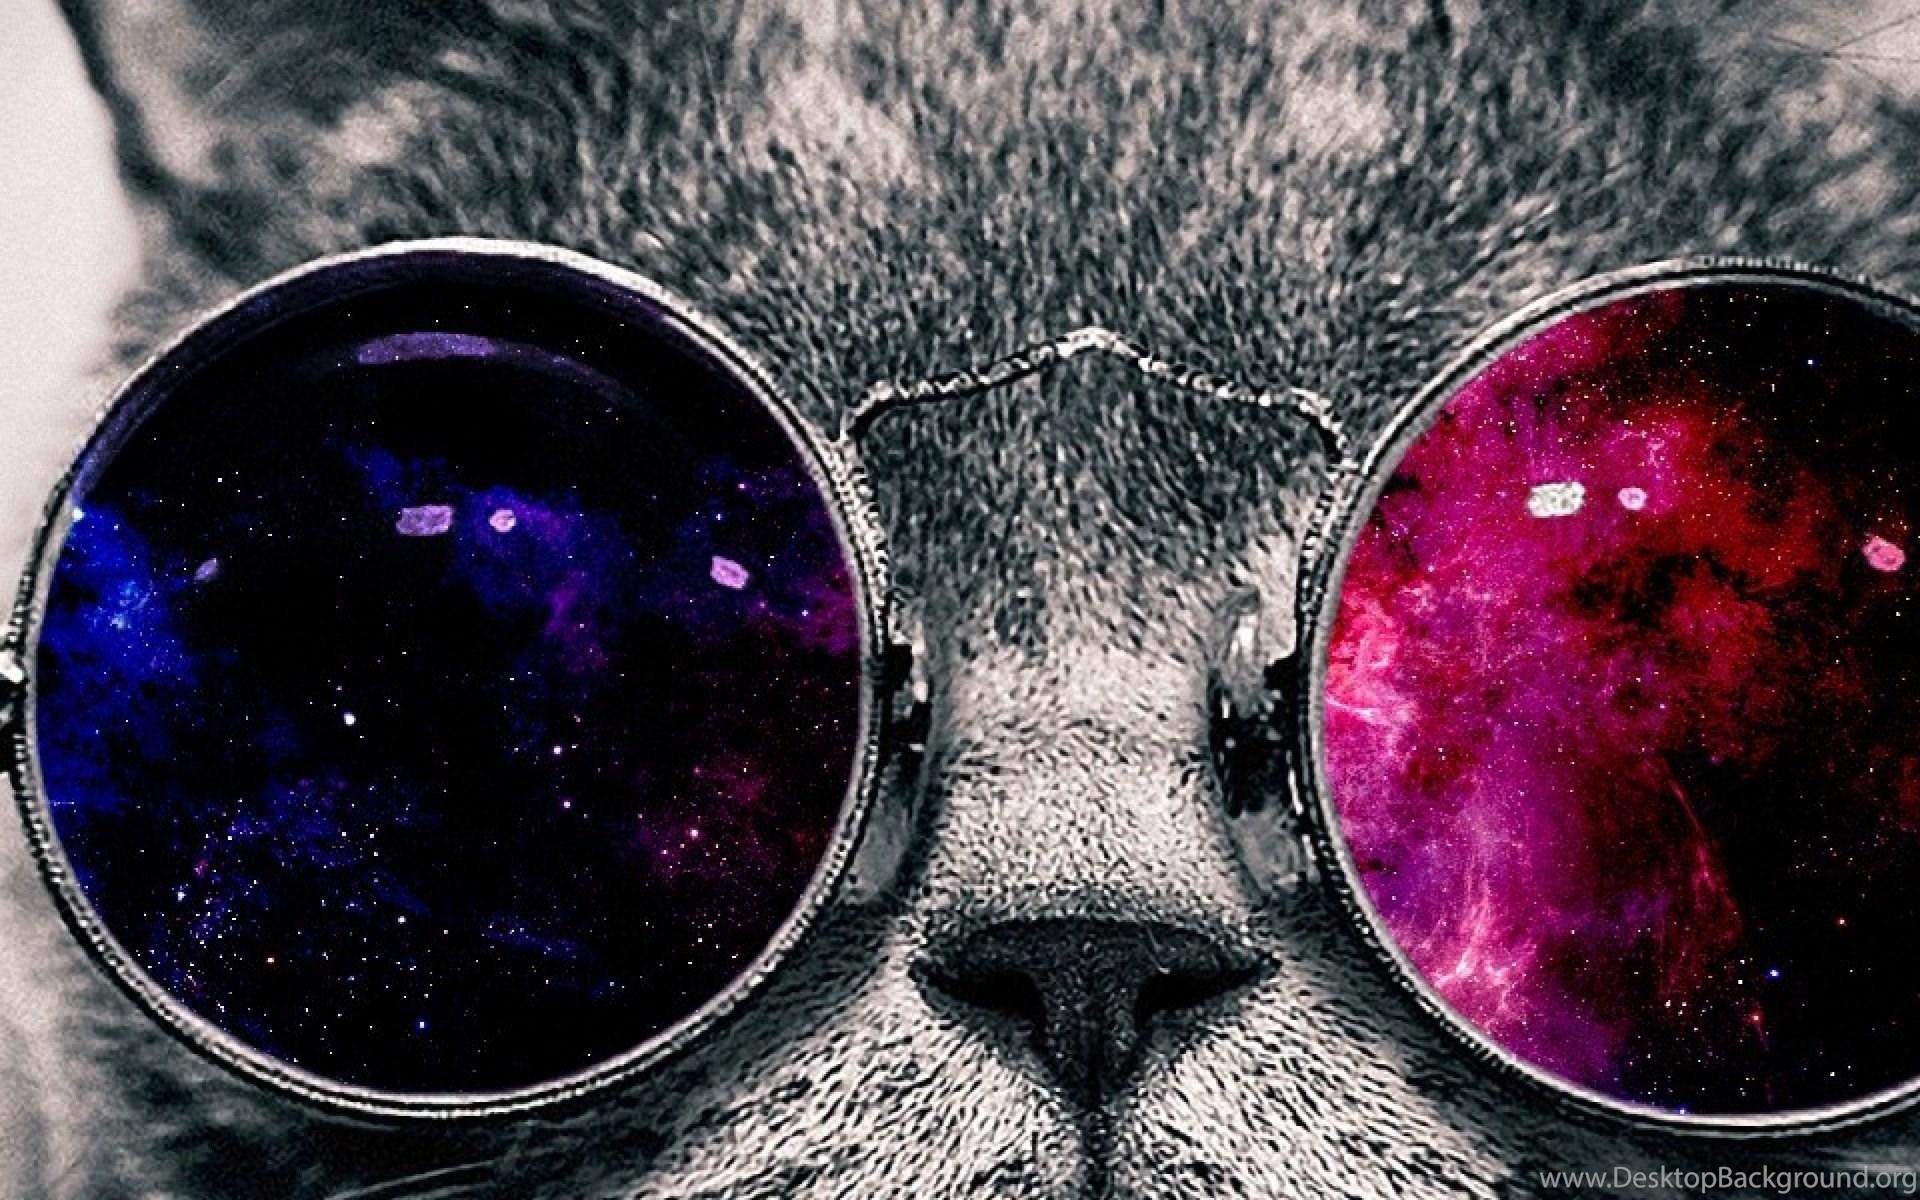 Dual Wide Cat Wallpapers Hd Desktop Backgrounds 3840x1200 Desktop